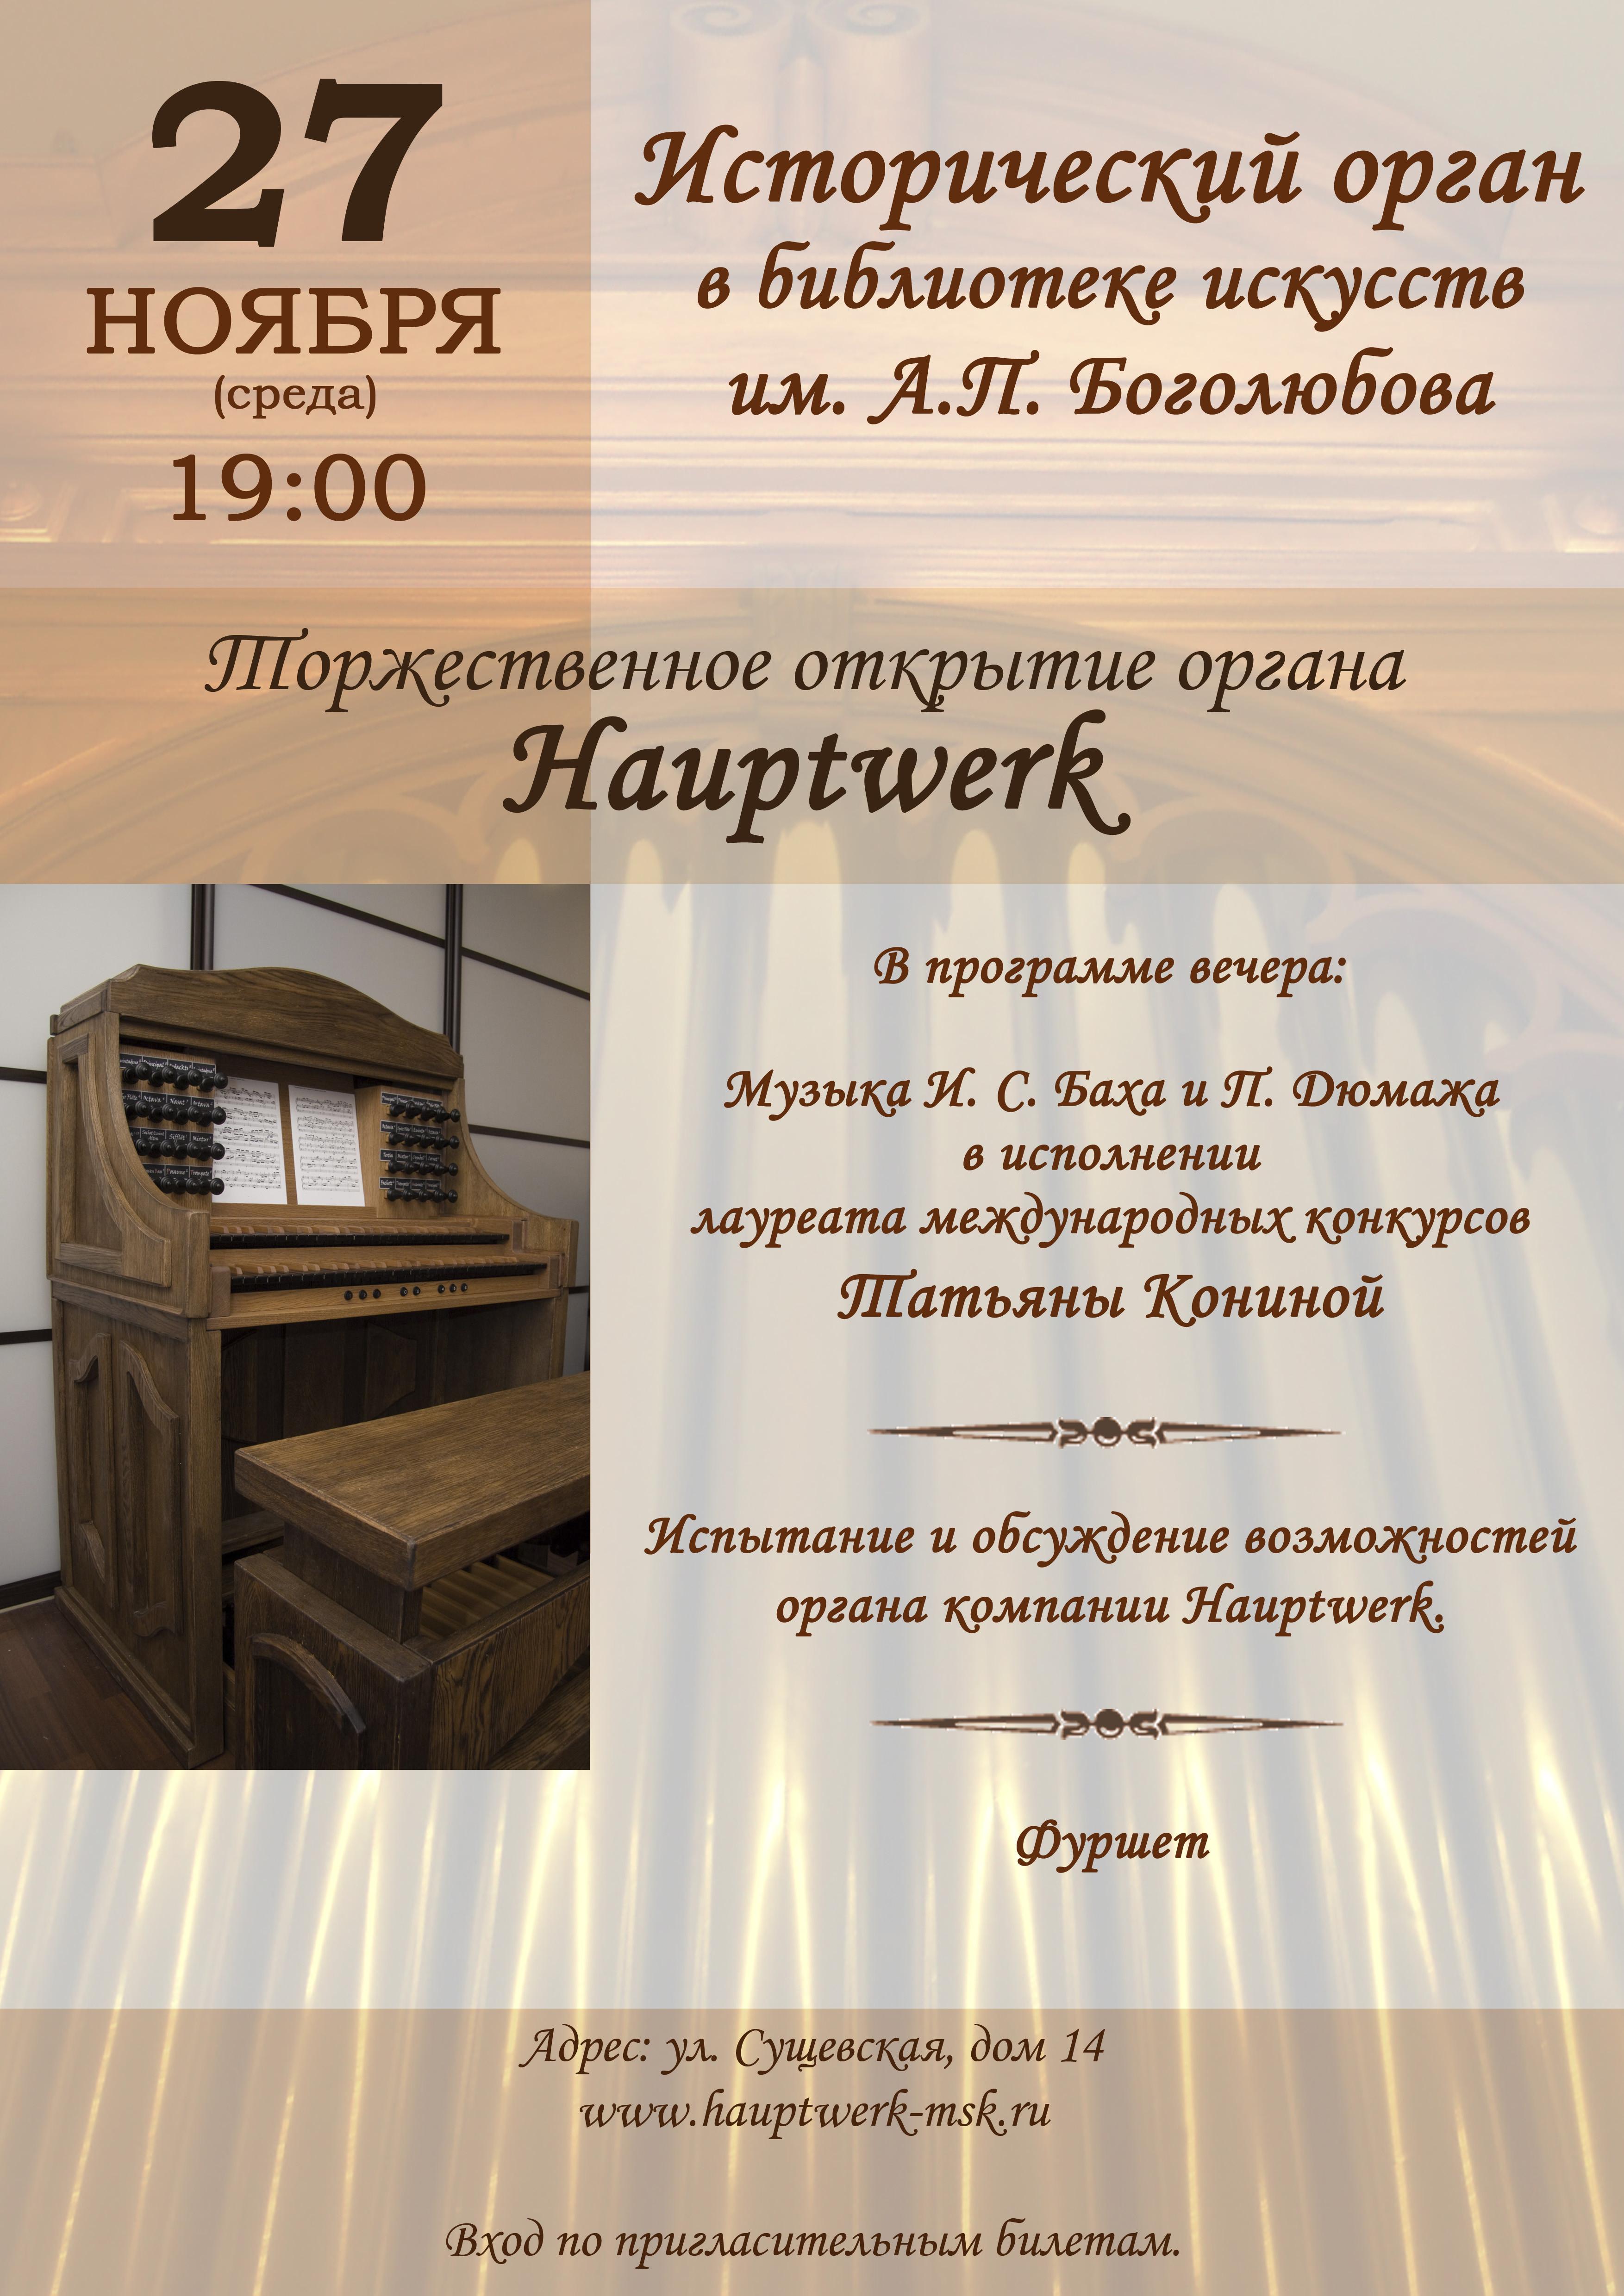 Афиша_Открытие27112013